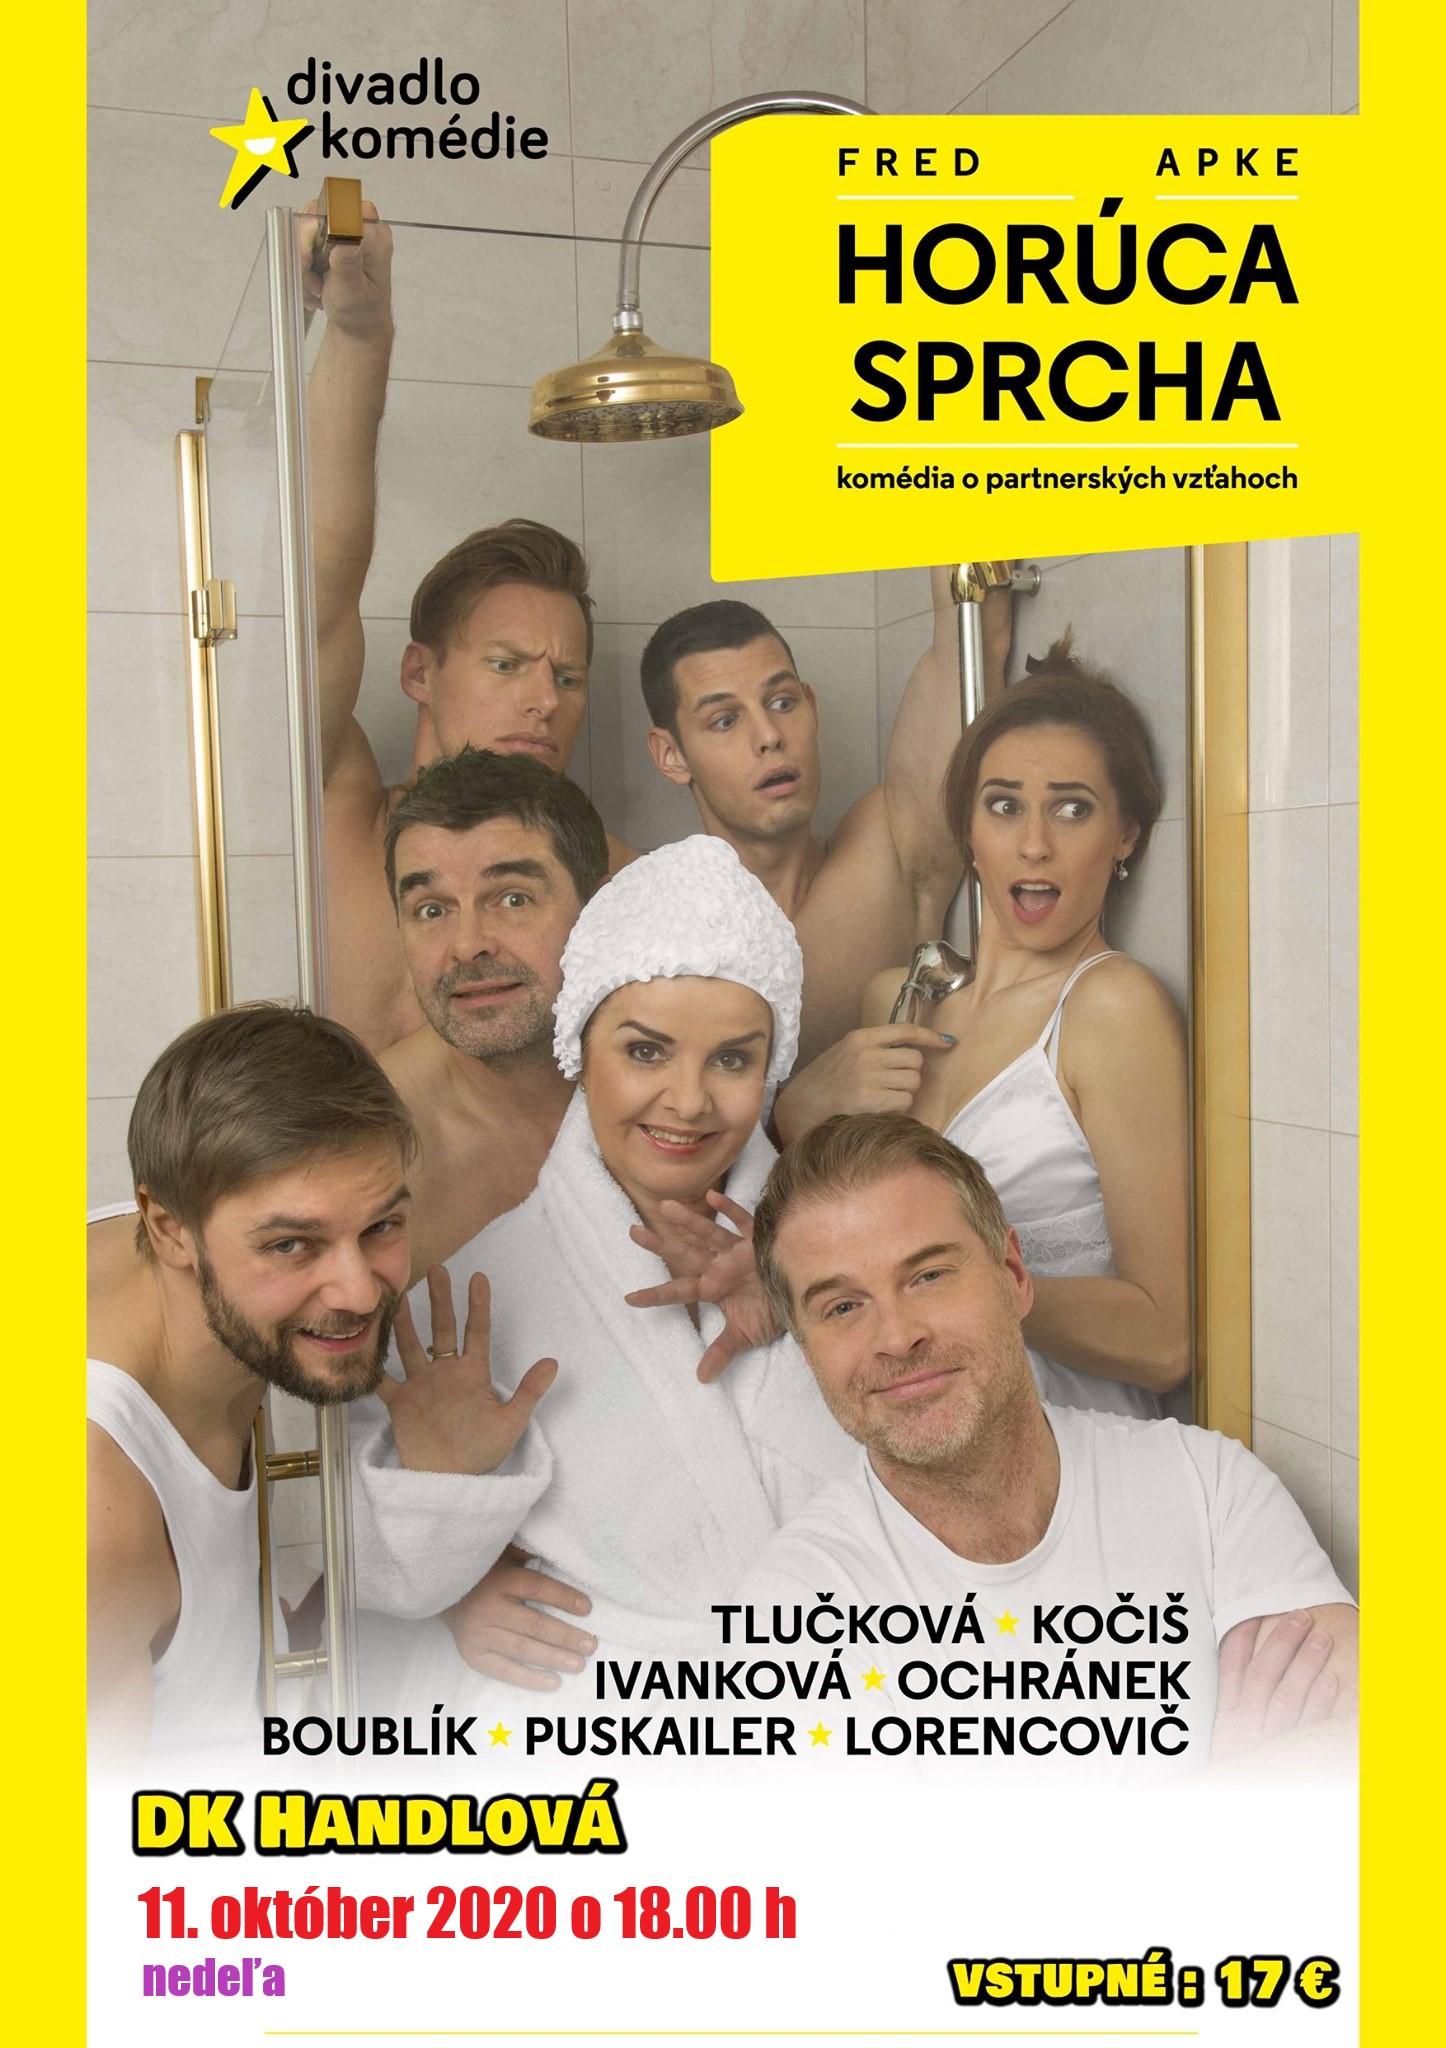 horuca_sprcha_zmena